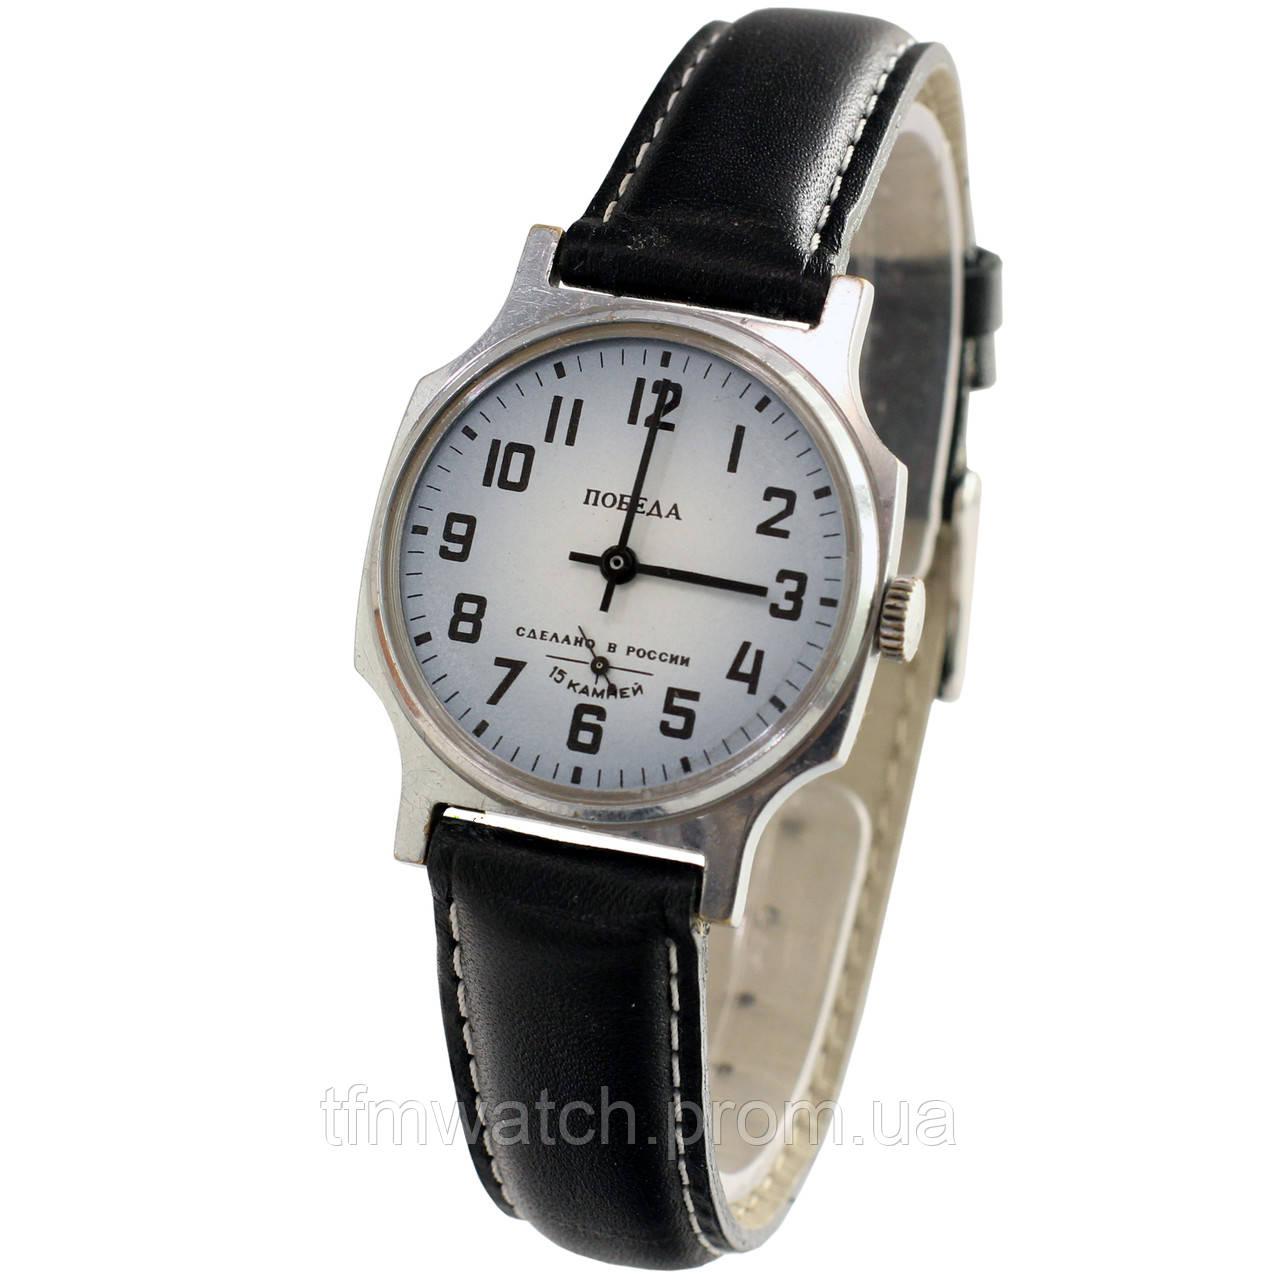 4fcfc0ab Часы Победа 15 камней сделано в России - 苏联的手表 - Магазин старинных,  винтажных